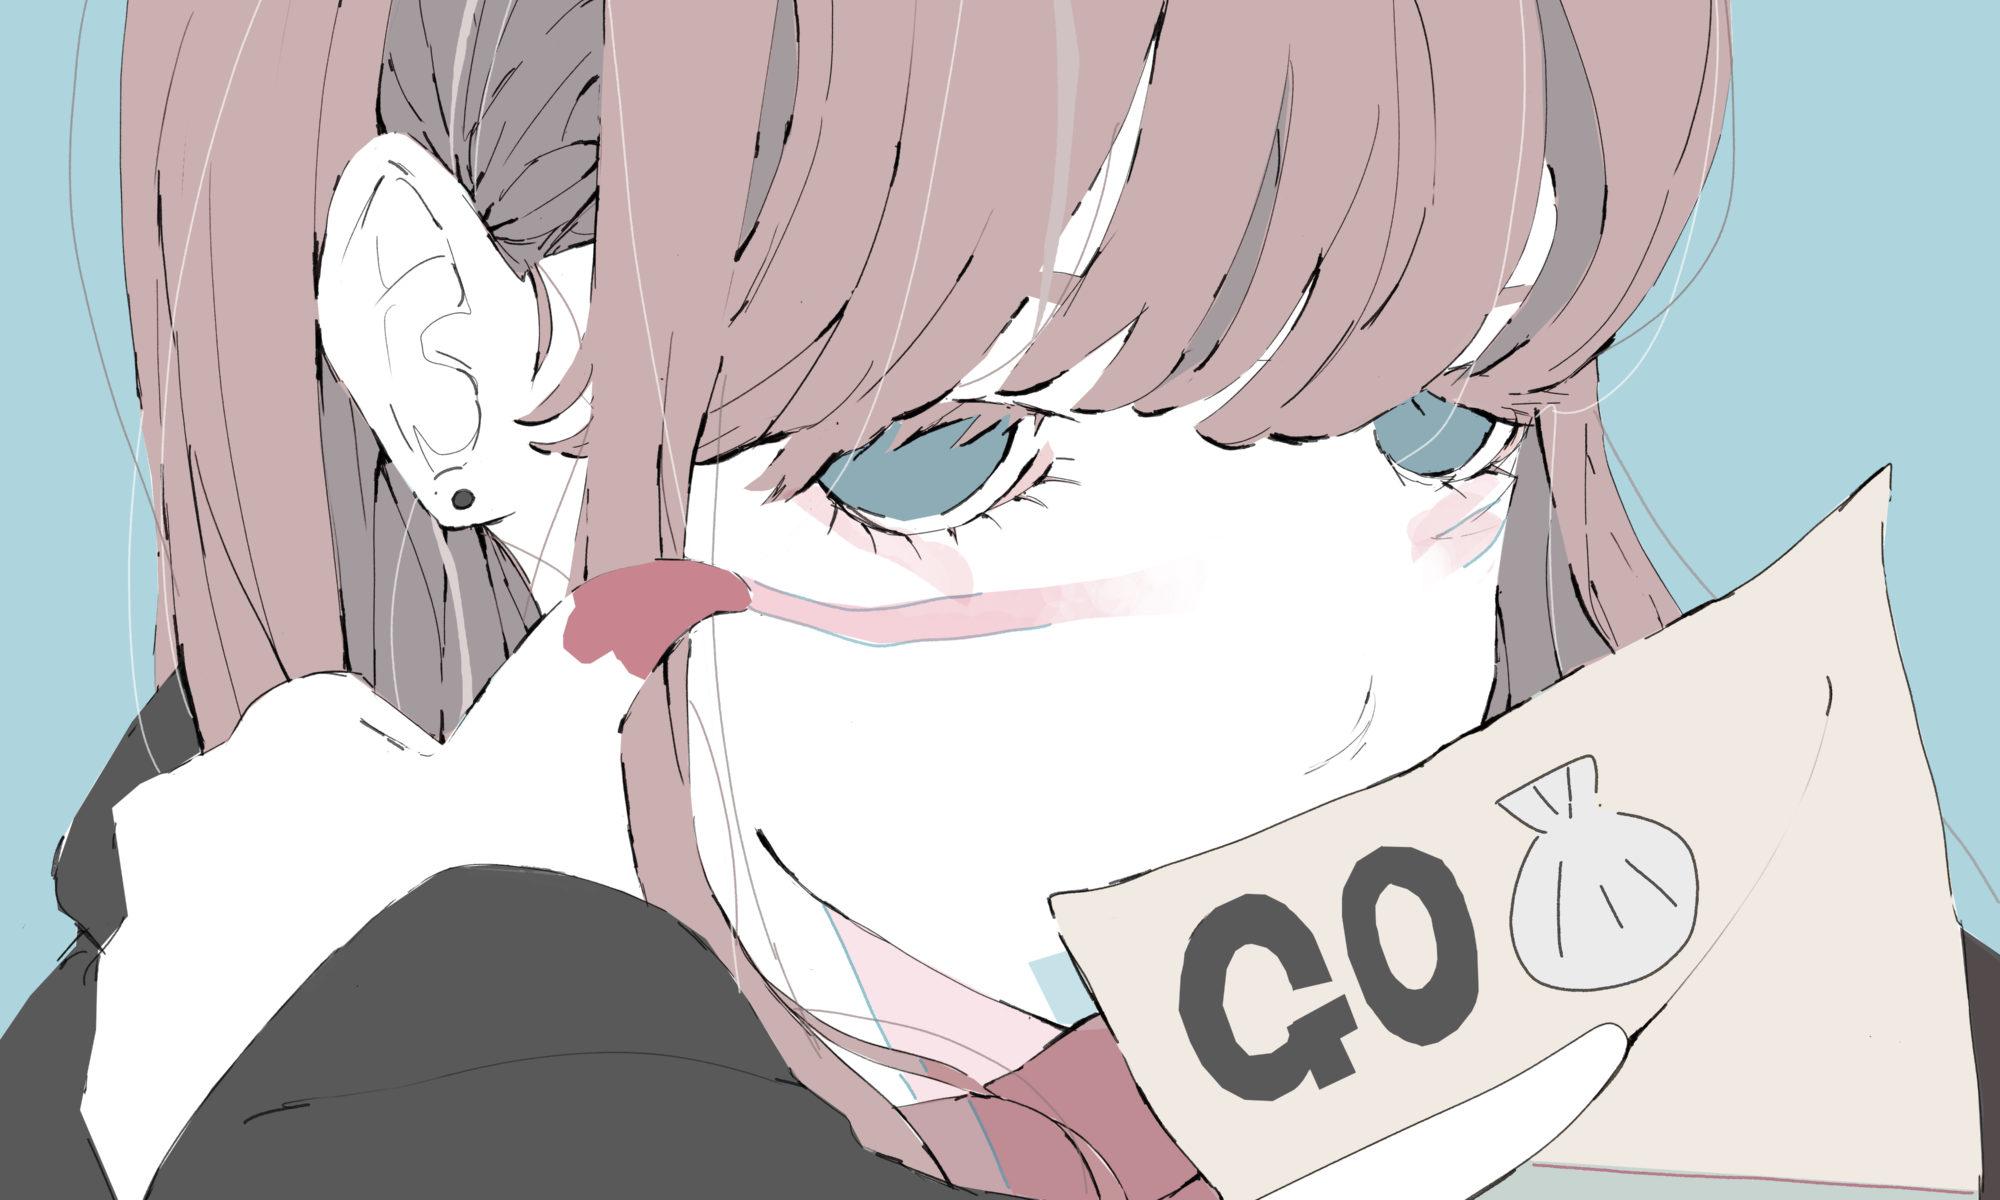 素手でメイクする大胆な女の子のイラスト